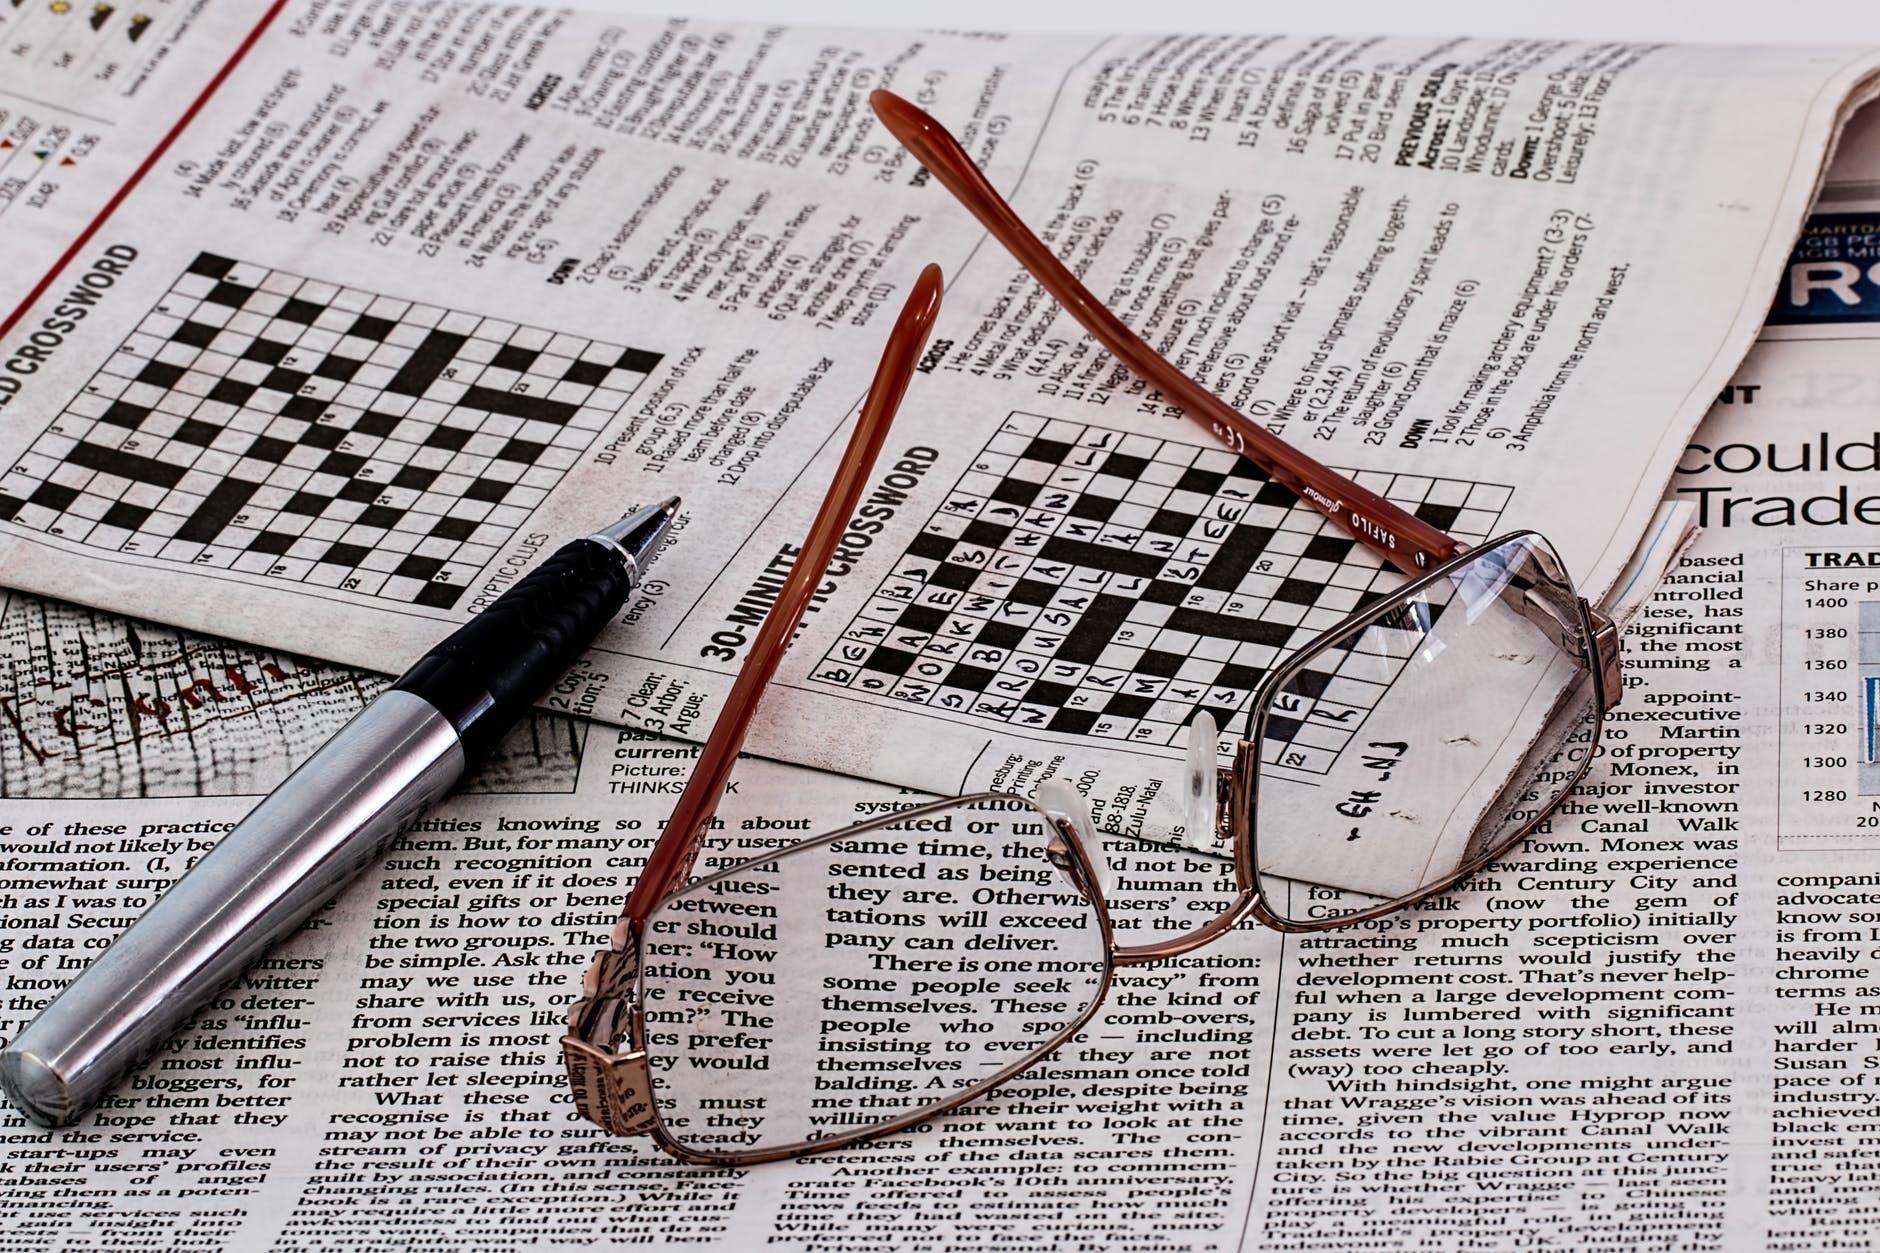 frame less eyeglasses on newspaper